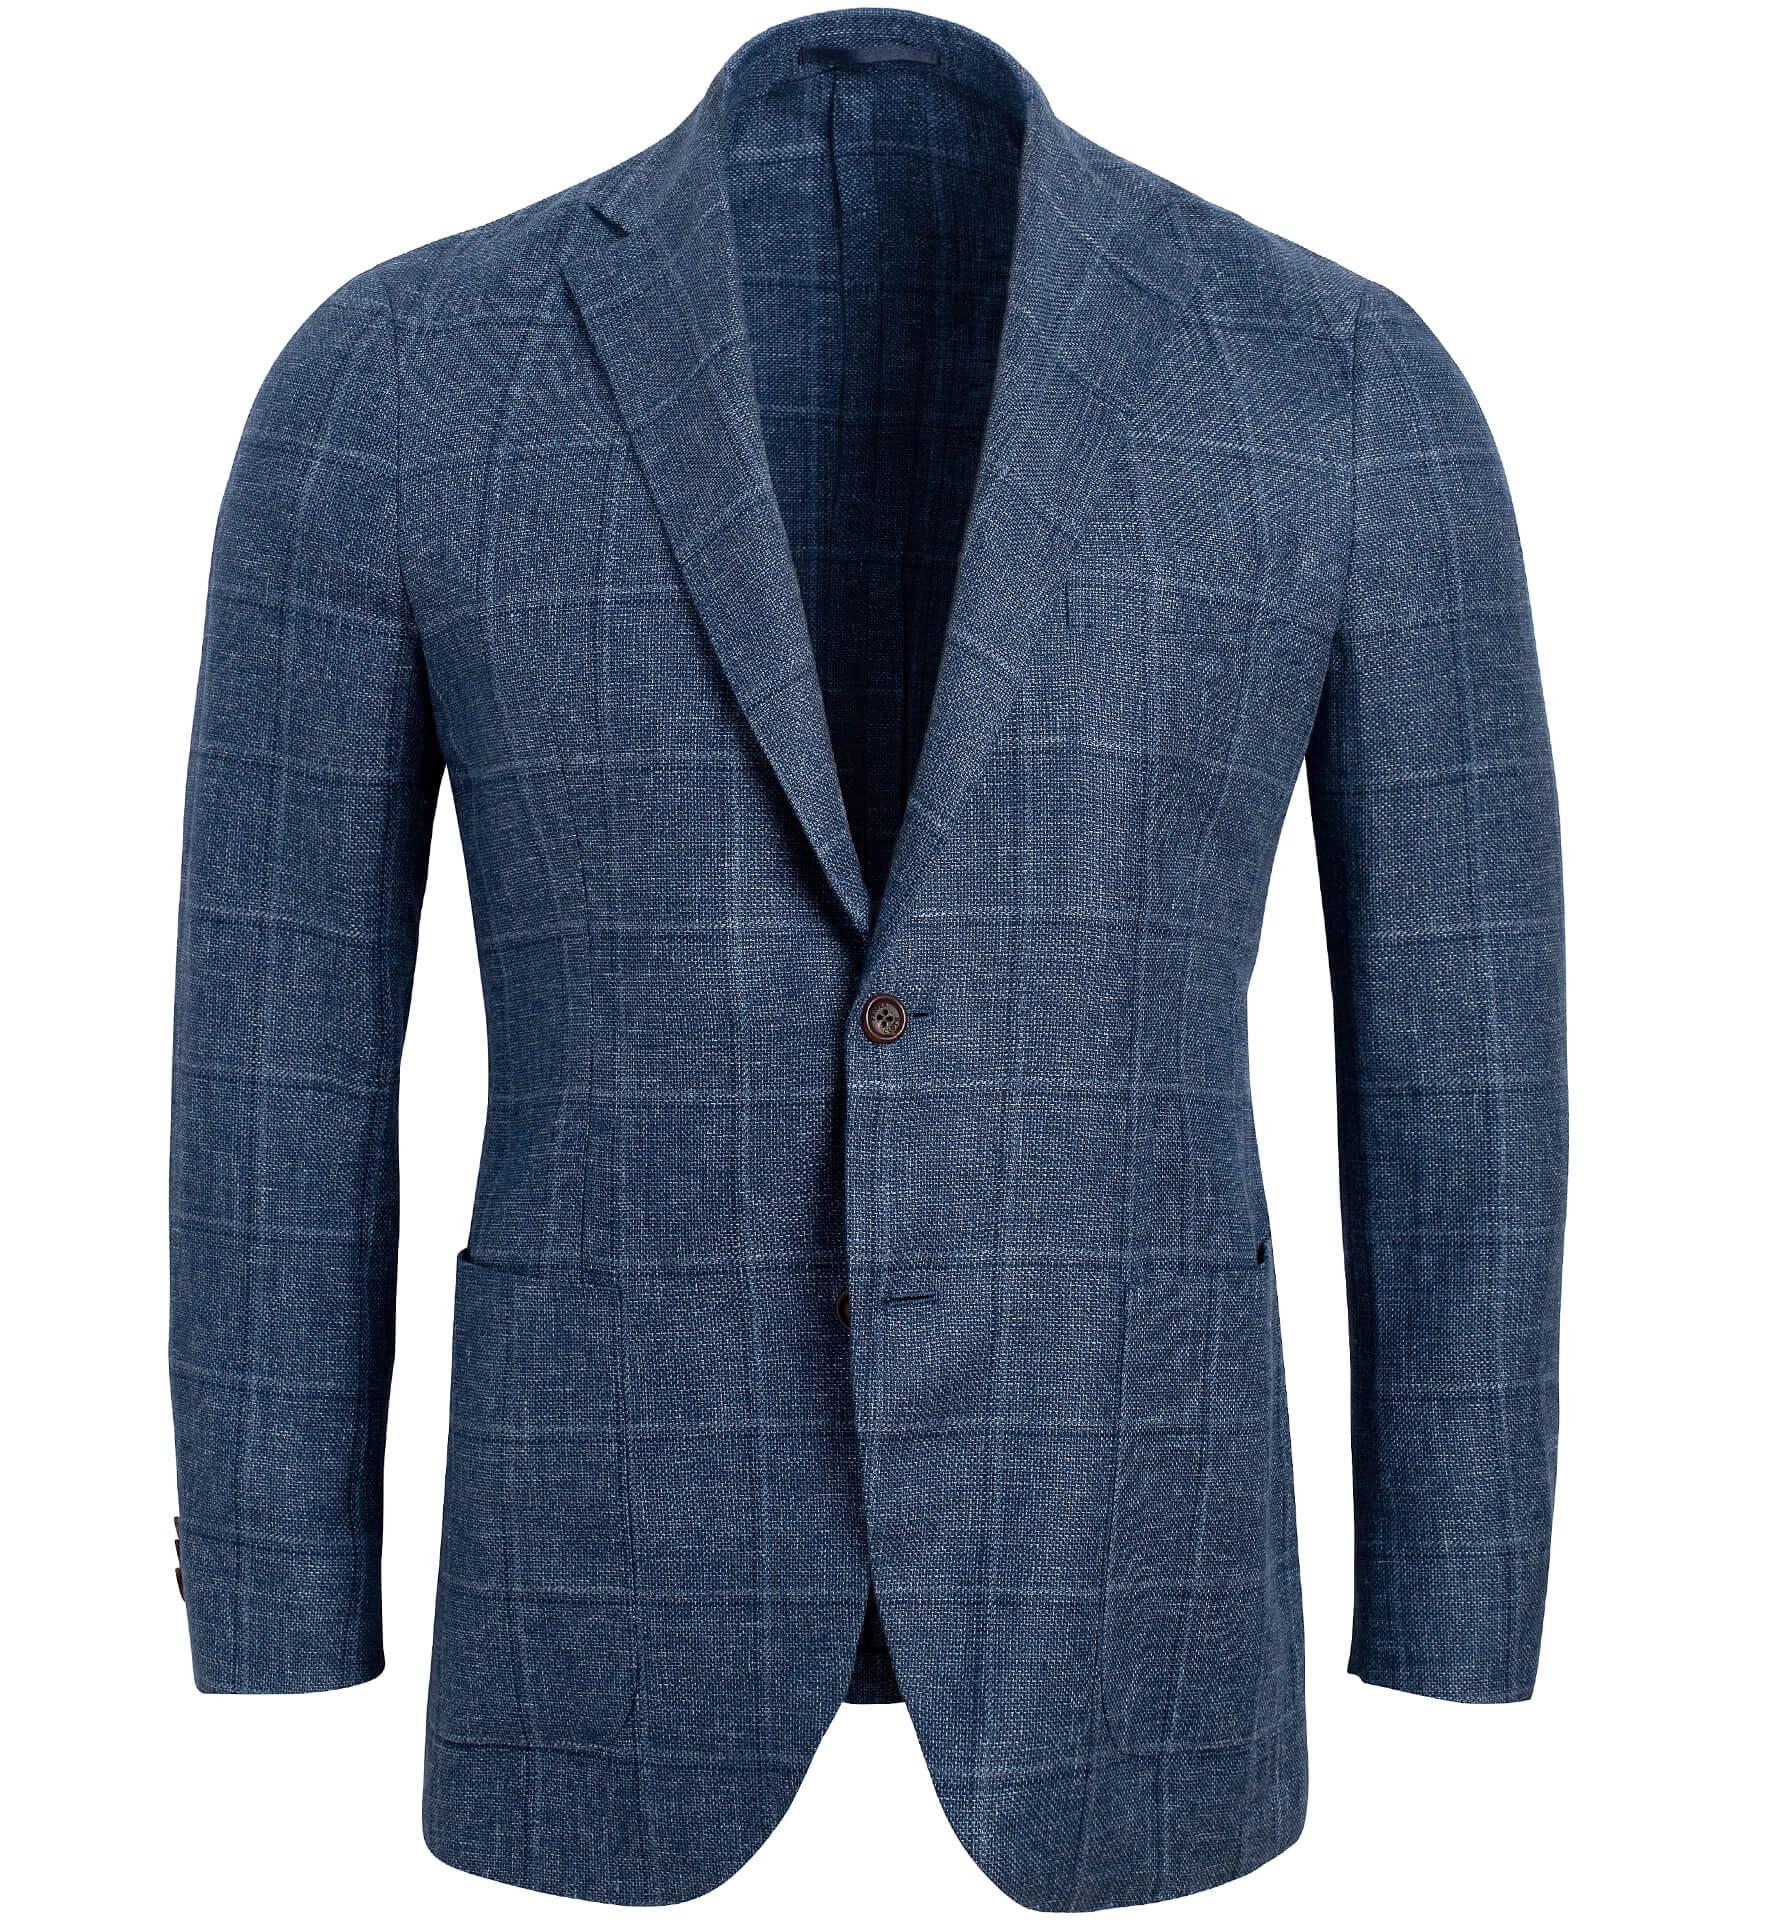 Zoom Image of Bedford Slate Windowpane Linen and Wool Jacket